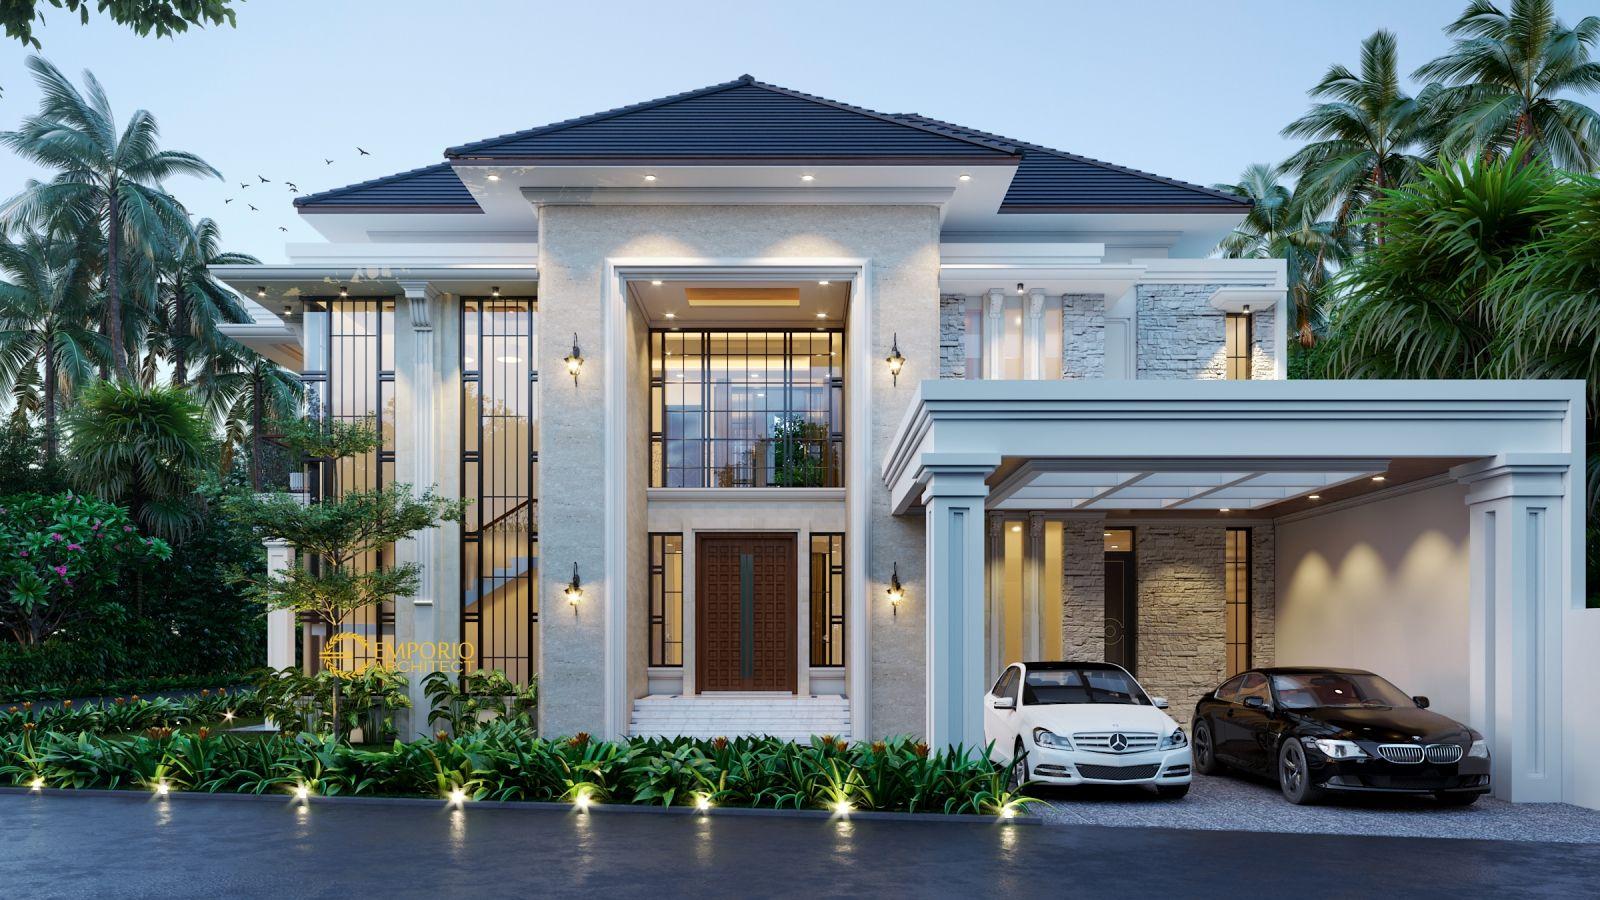 Jasa Arsitek Jakarta Desain Rumah Ibu Indah Jasa Arsitek Desain